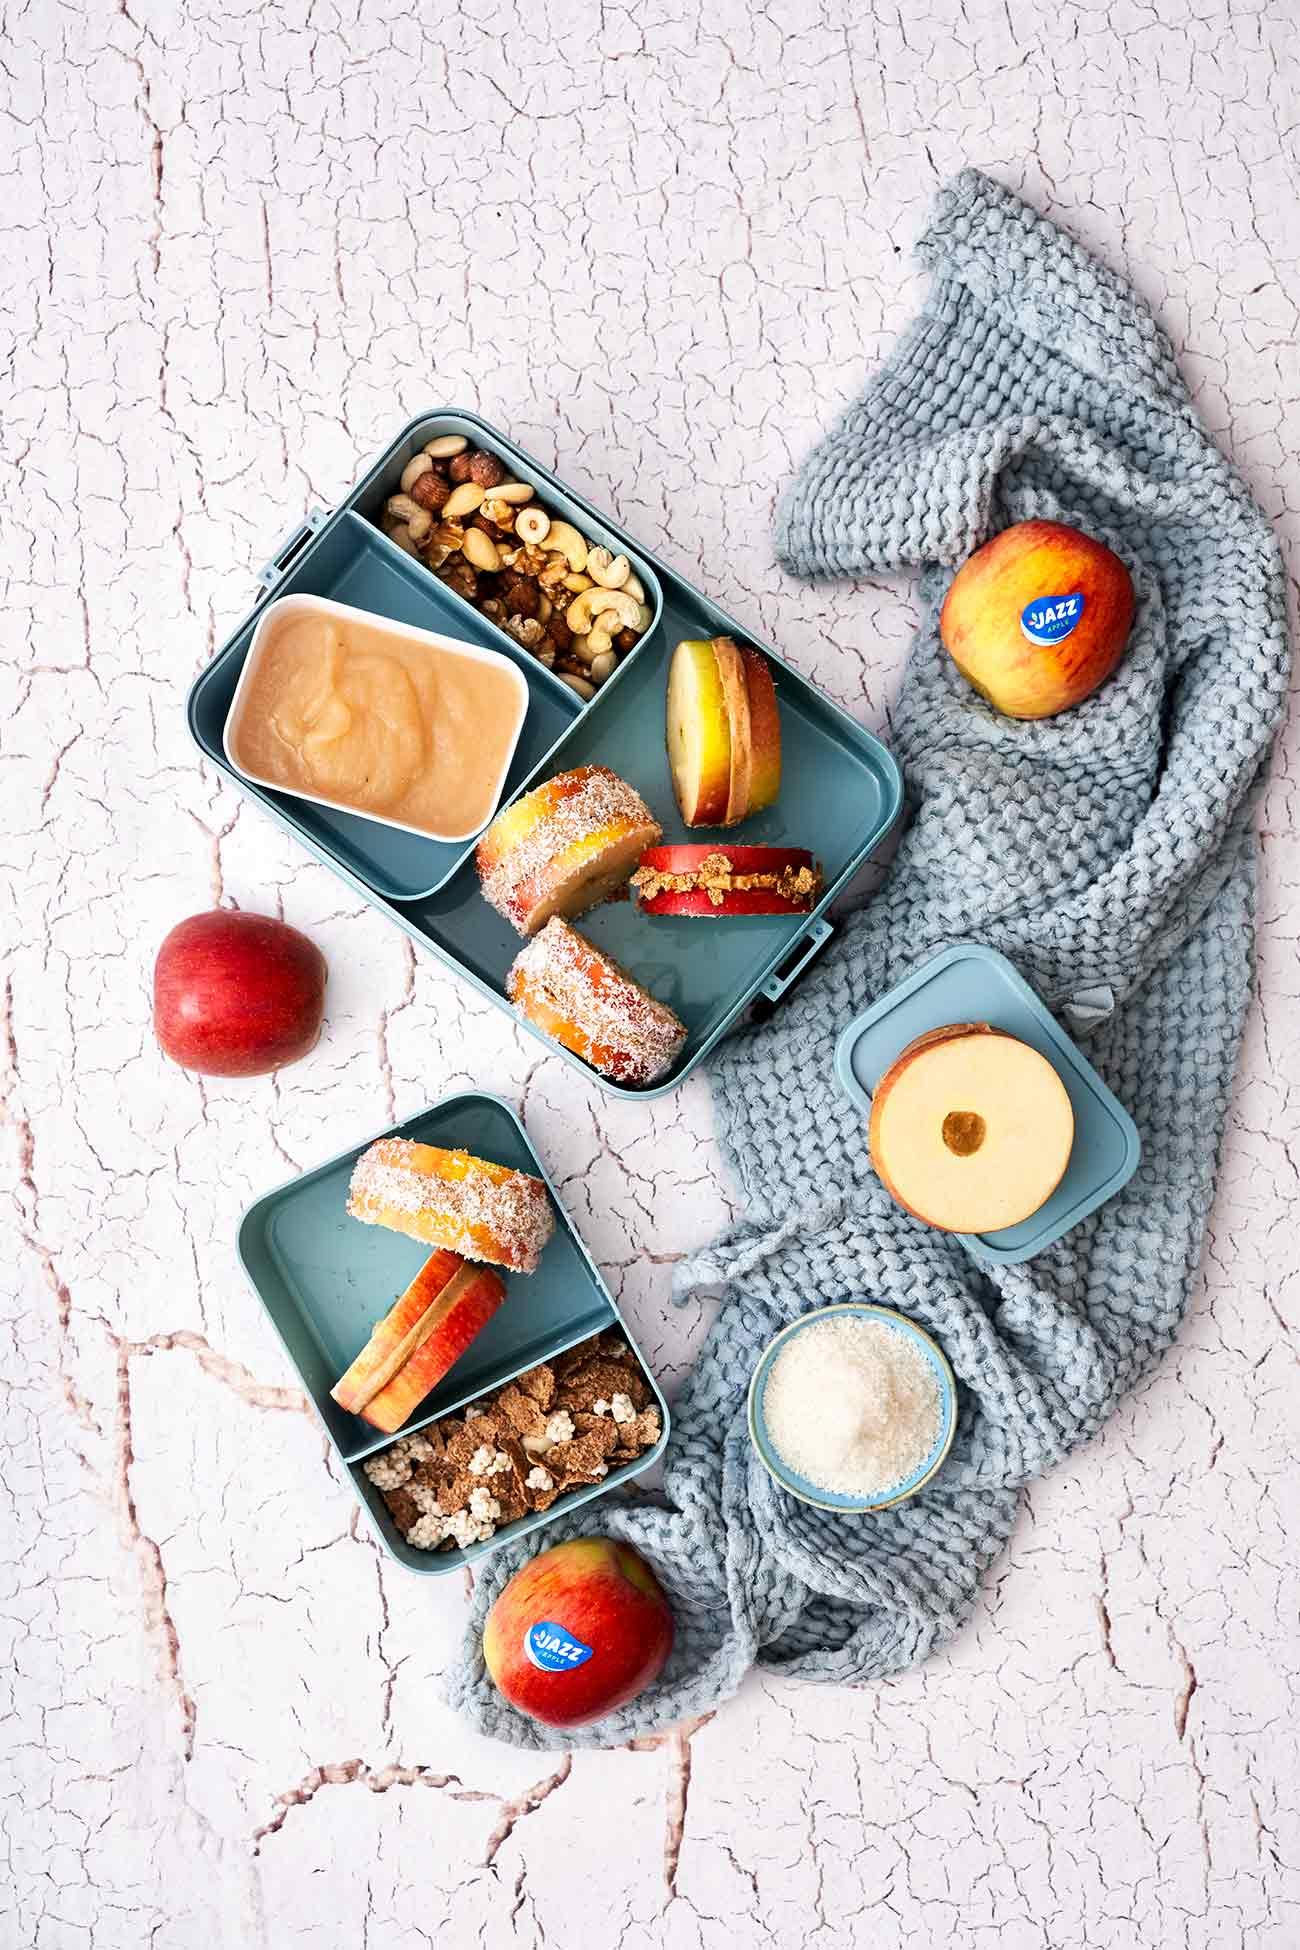 """Habt ihr bei dem sonnigen Wetter auch lieber etwas kaltes und erfrischendes in eurer Brotdose als das übliche """"normale"""" Brot? Dann habe ich was für euch. Apfel-Sandwiches. Wir nehmen sie auch gerne mal mit, wenn es zum Picknick geht. Der fruchtige Snack, gefüllt mit Erdnussbutter, schmeckt mir eisgekühlt am besten. Also, pimpt eure Brot-und Picknickdosen für den Sommer."""